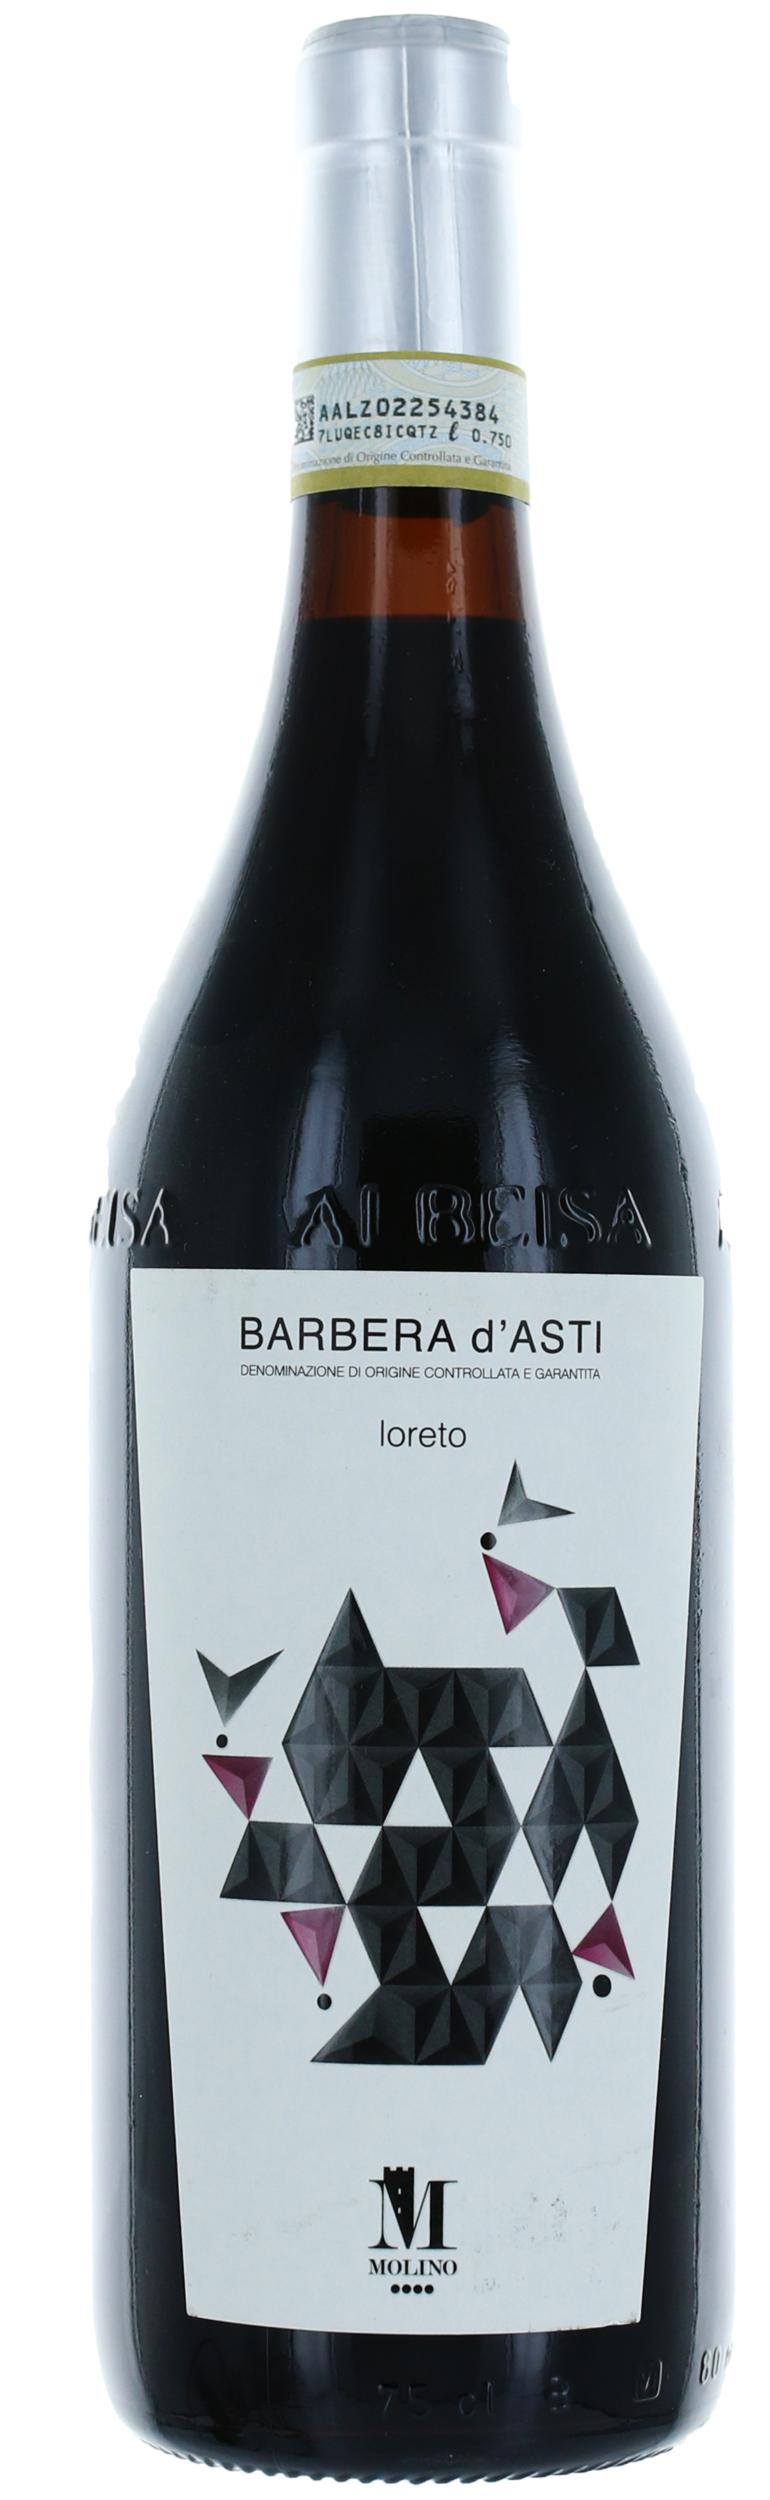 Barbera d\'Asti - Loreto - Agriculture Molino - 2019